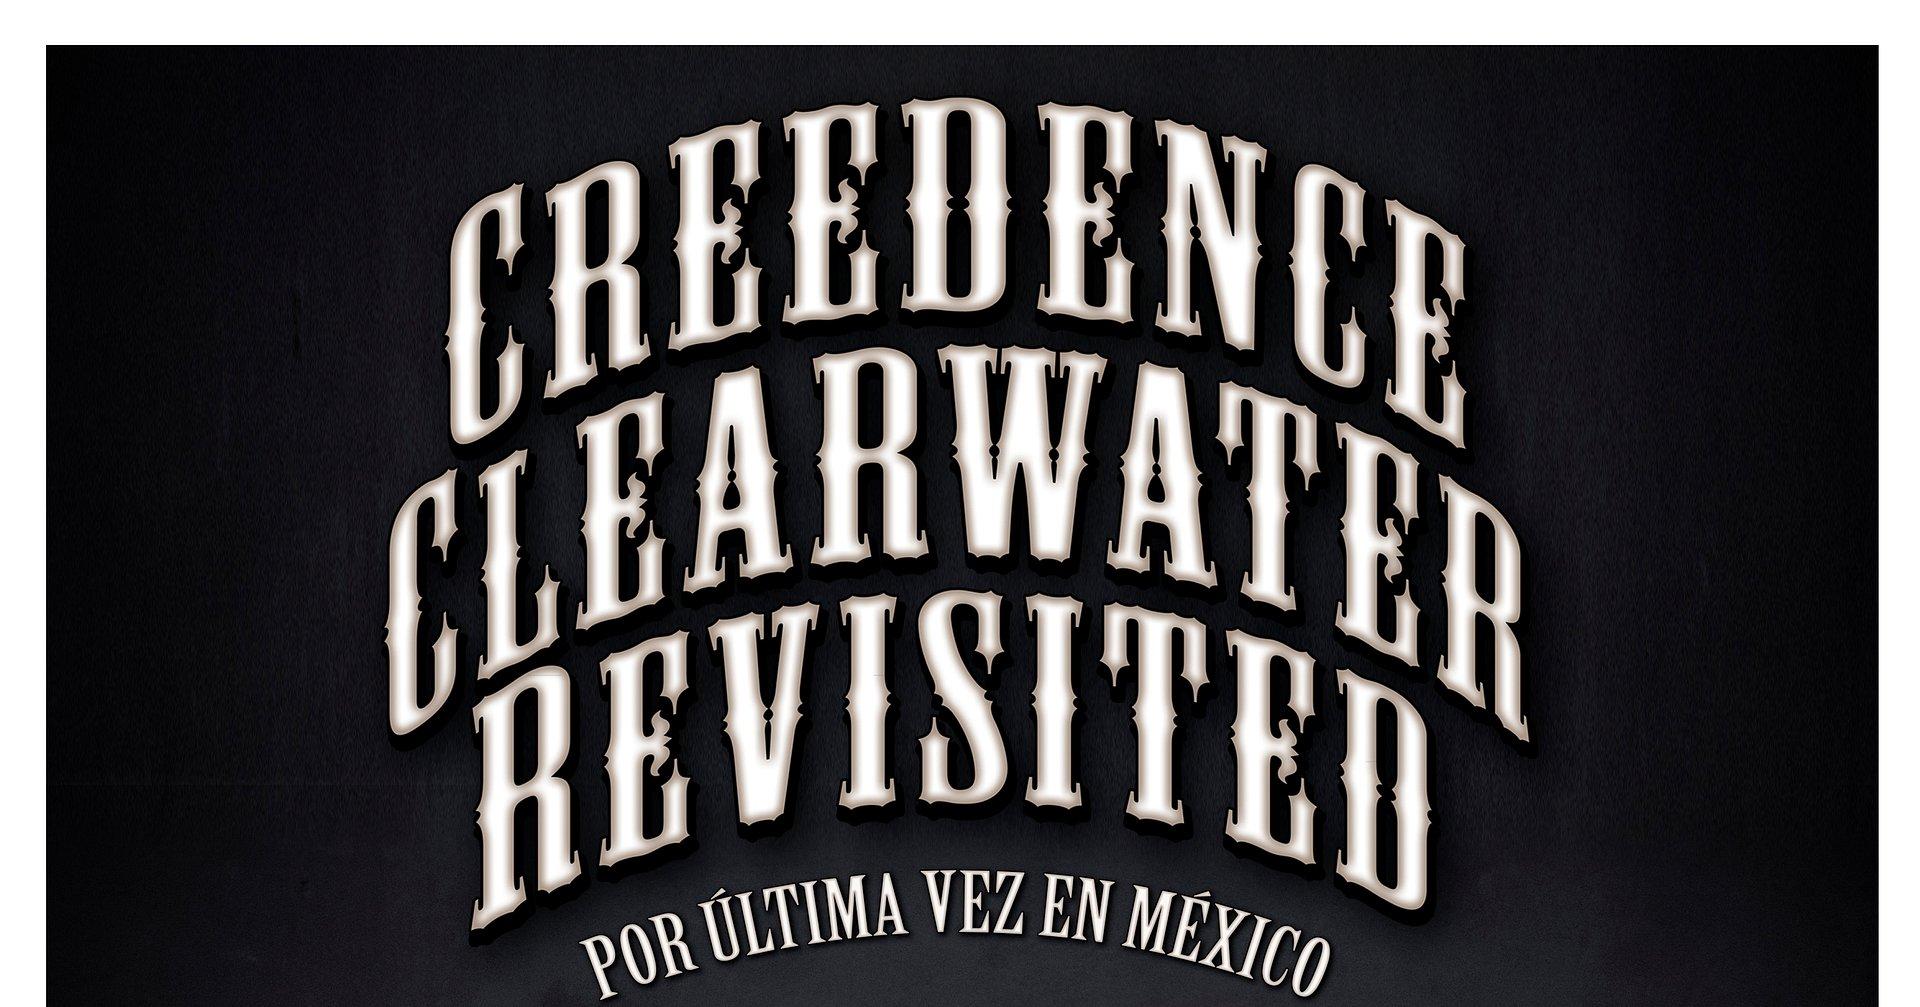 CREEDENCE CLEARWATER REVISITED ANUNCIAN ÚLTIMO CONCIERTO EN MÉXICO